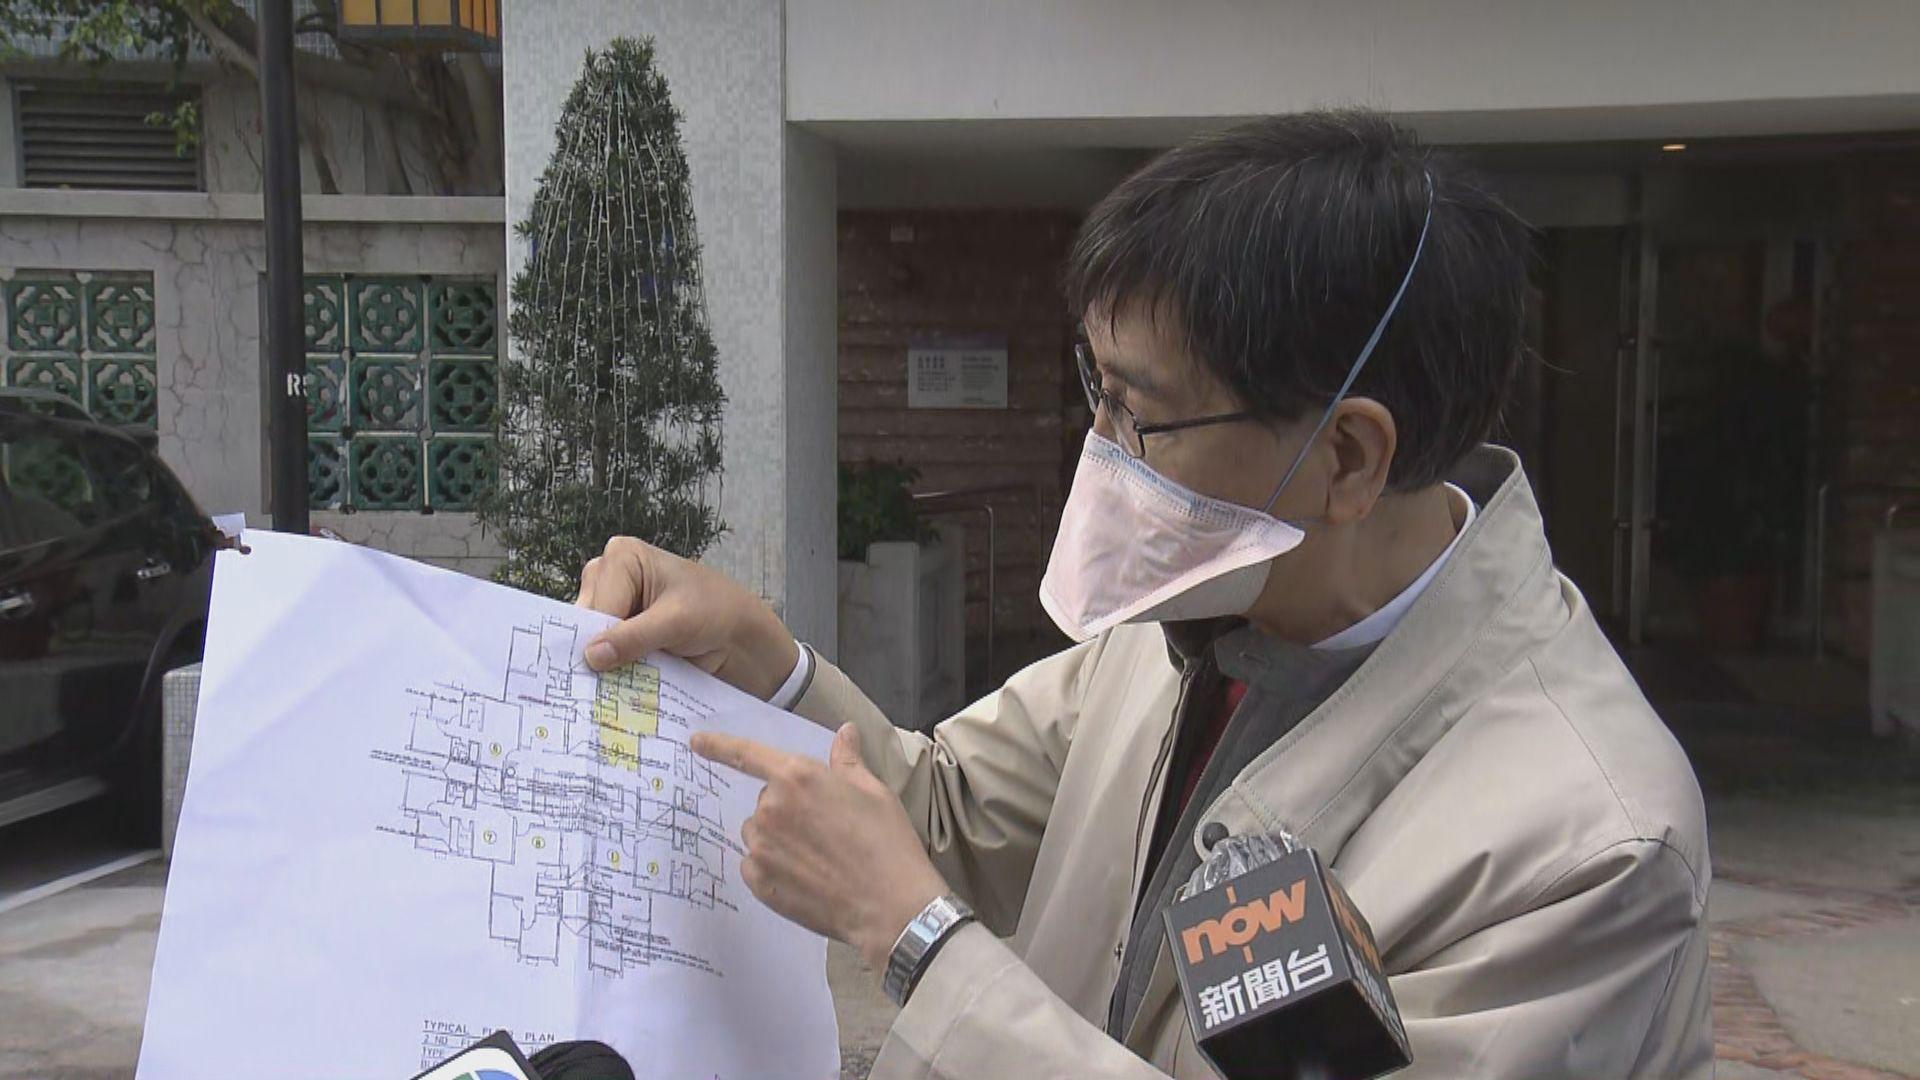 荃灣綠楊新邨R座18樓以上04及05室住戶要撤離